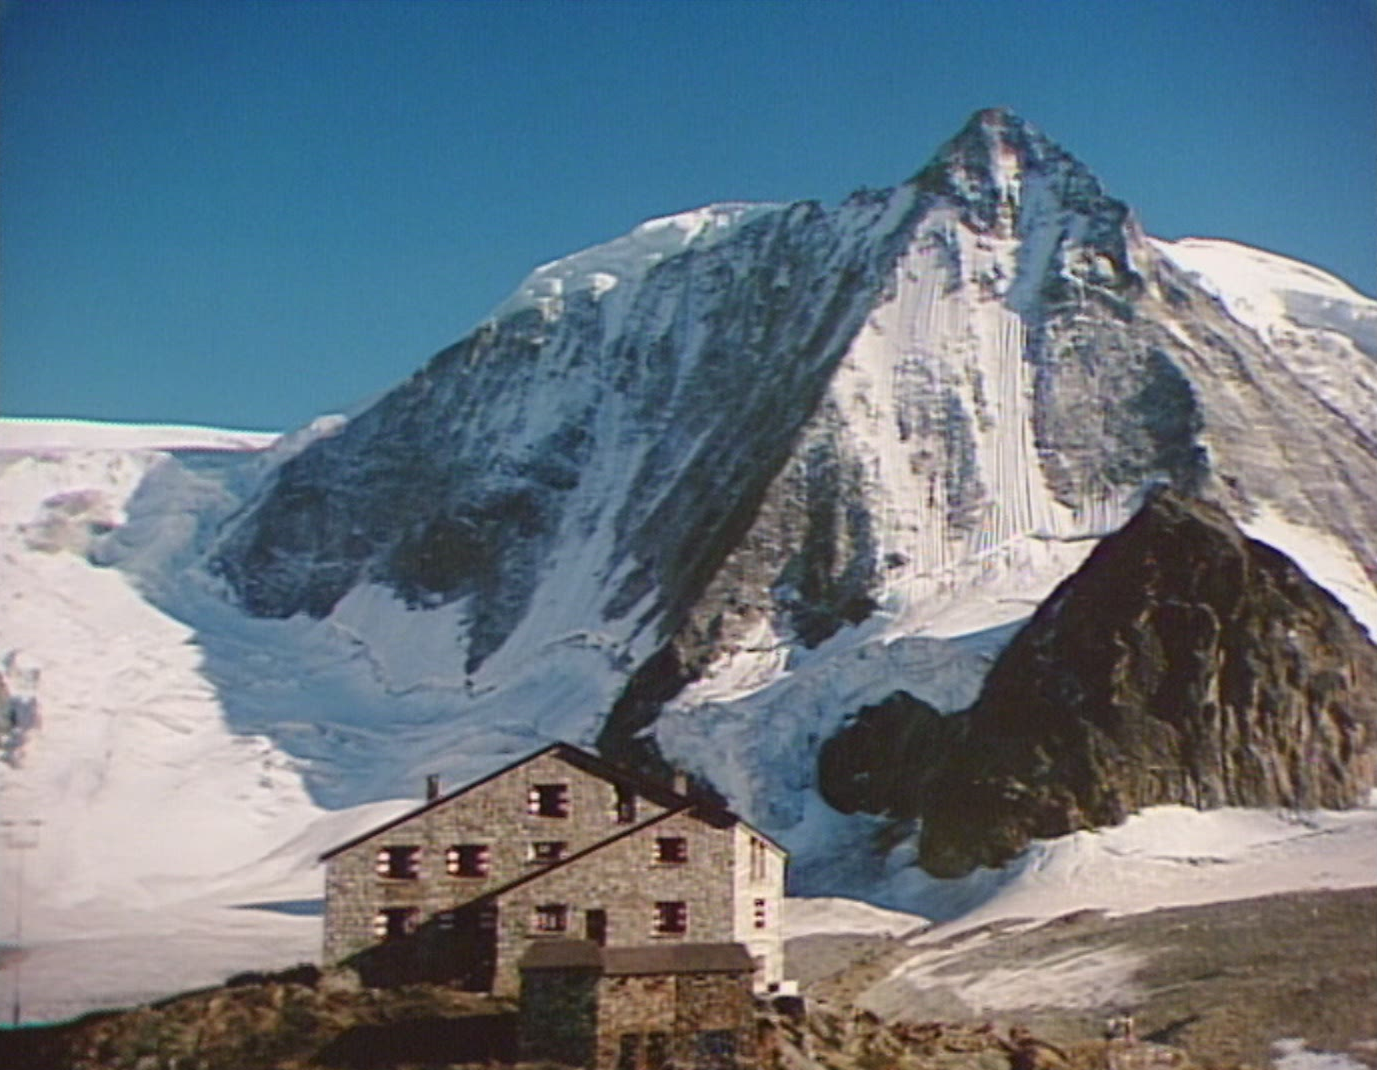 Le Club de randonnée du Val d'Hérens